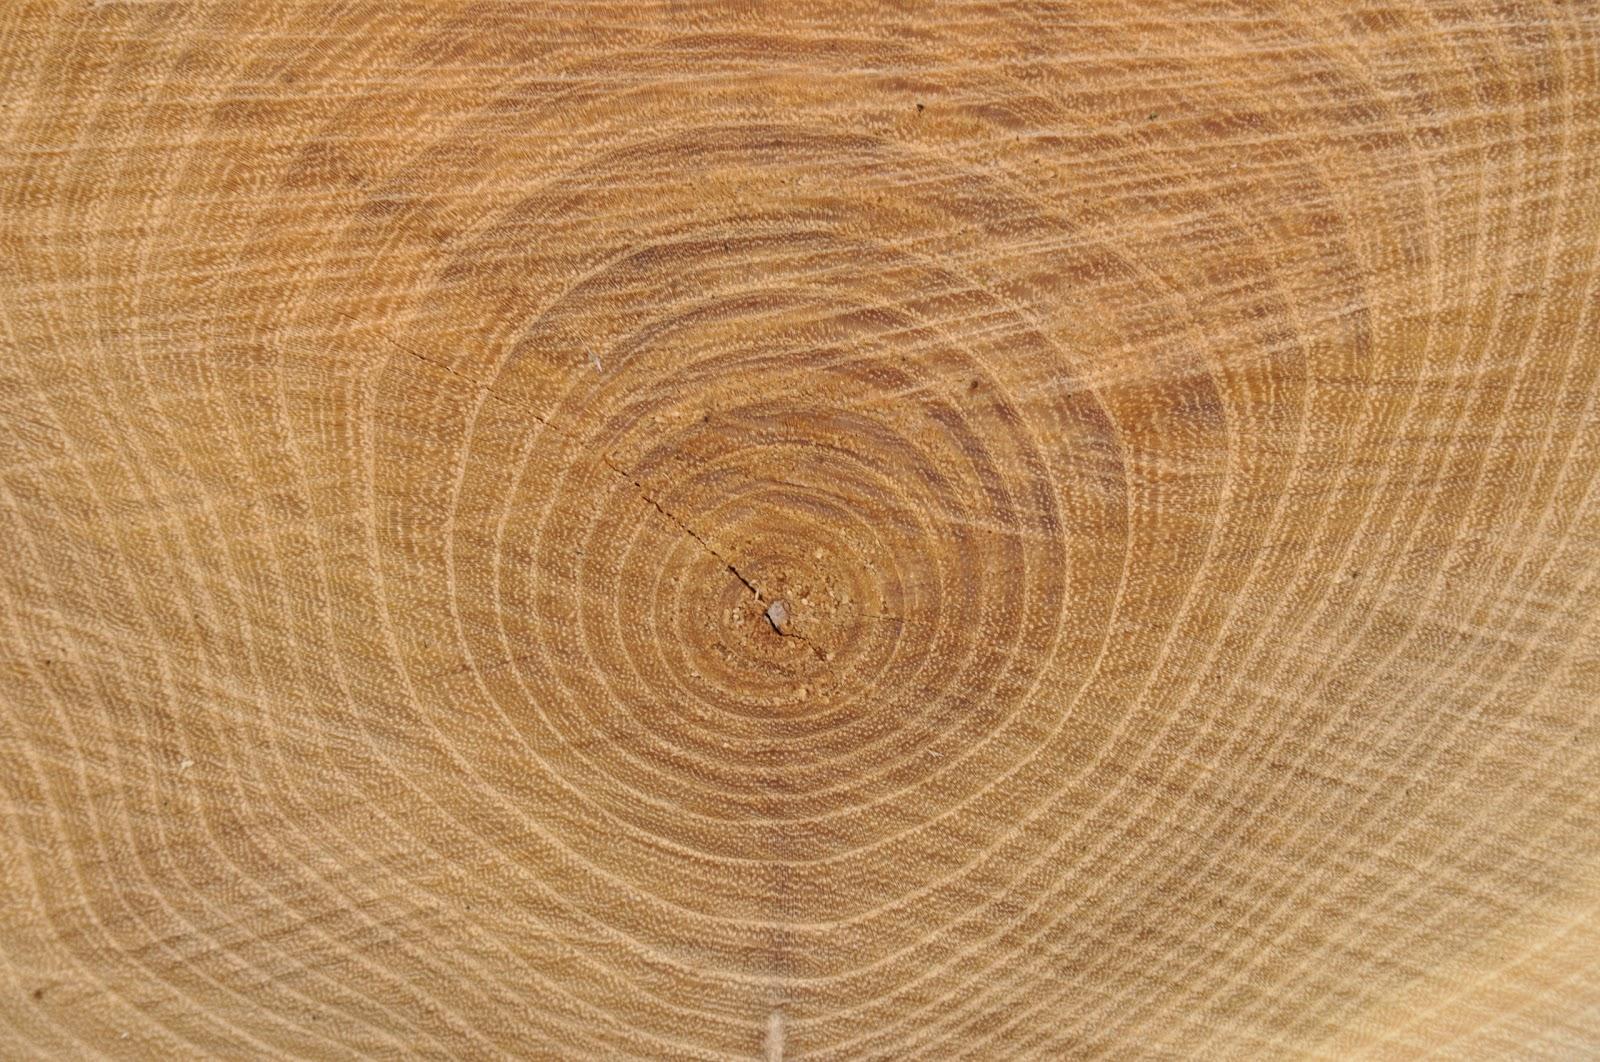 le maximum stries du bois texture te fond d 39 cran gratuit. Black Bedroom Furniture Sets. Home Design Ideas